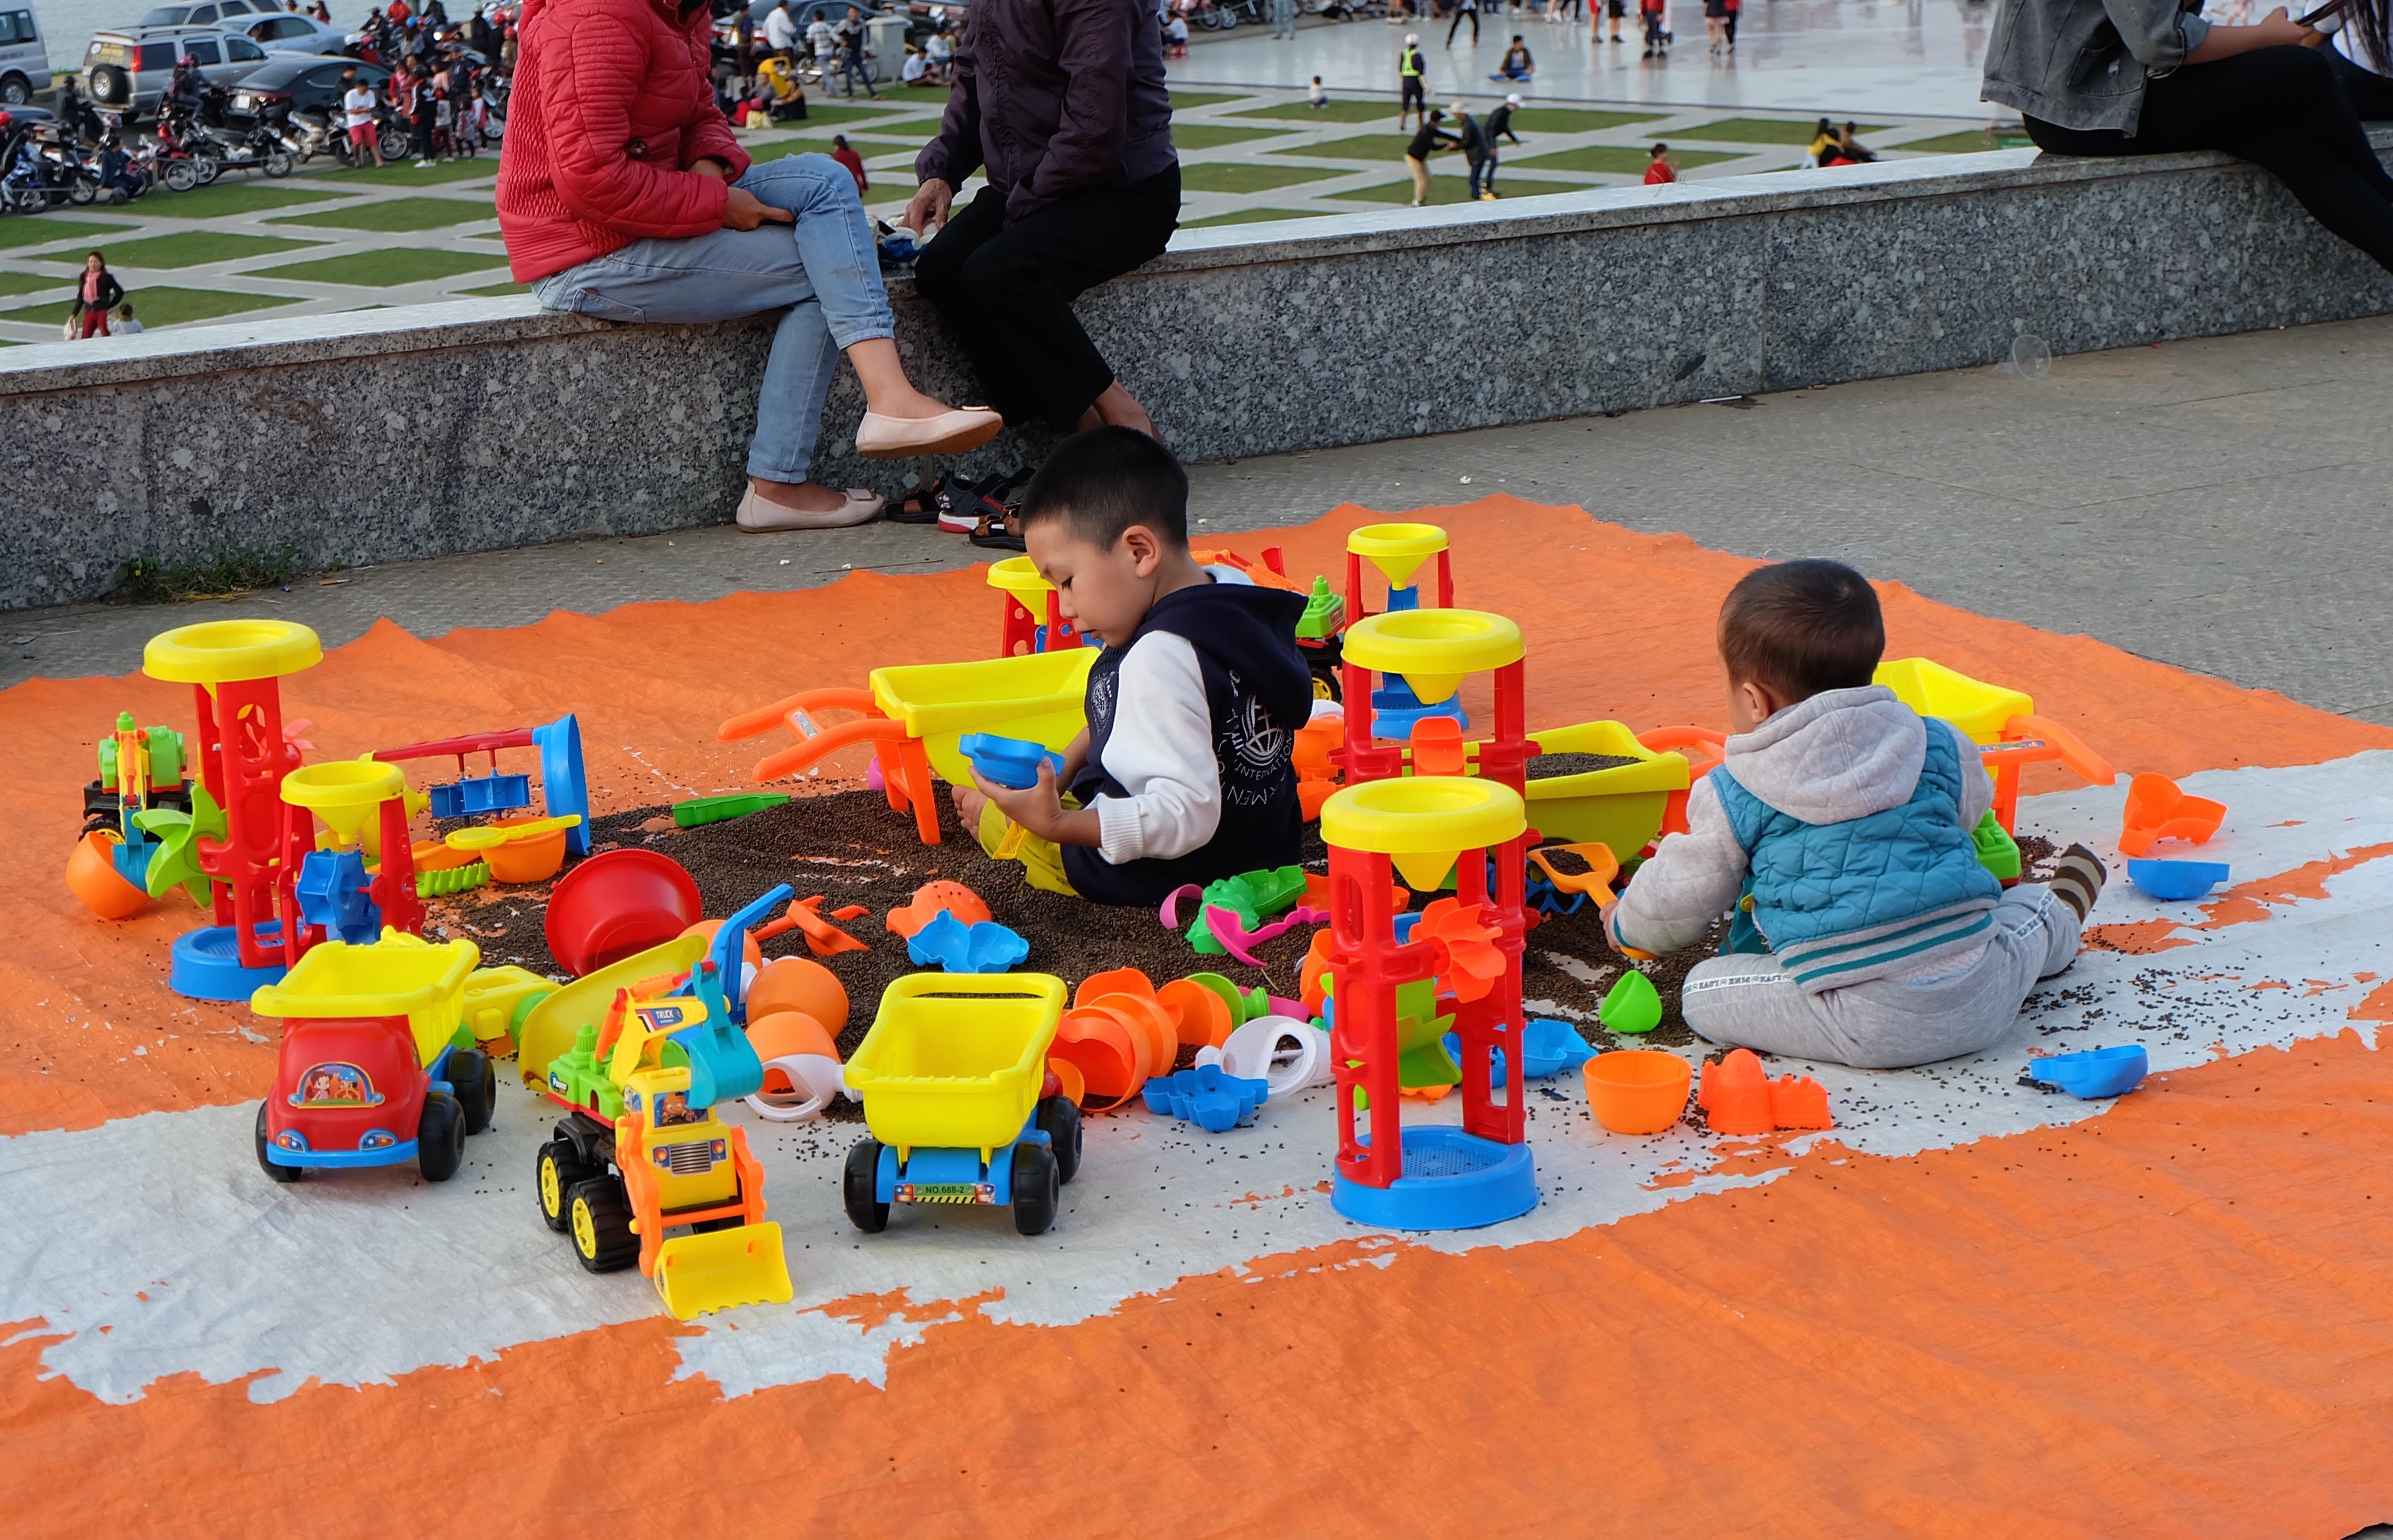 Đà Lạt: Quảng trường Lâm Viên tấp nập du khách dịp nghỉ lễ Quốc khánh - Ảnh 9.